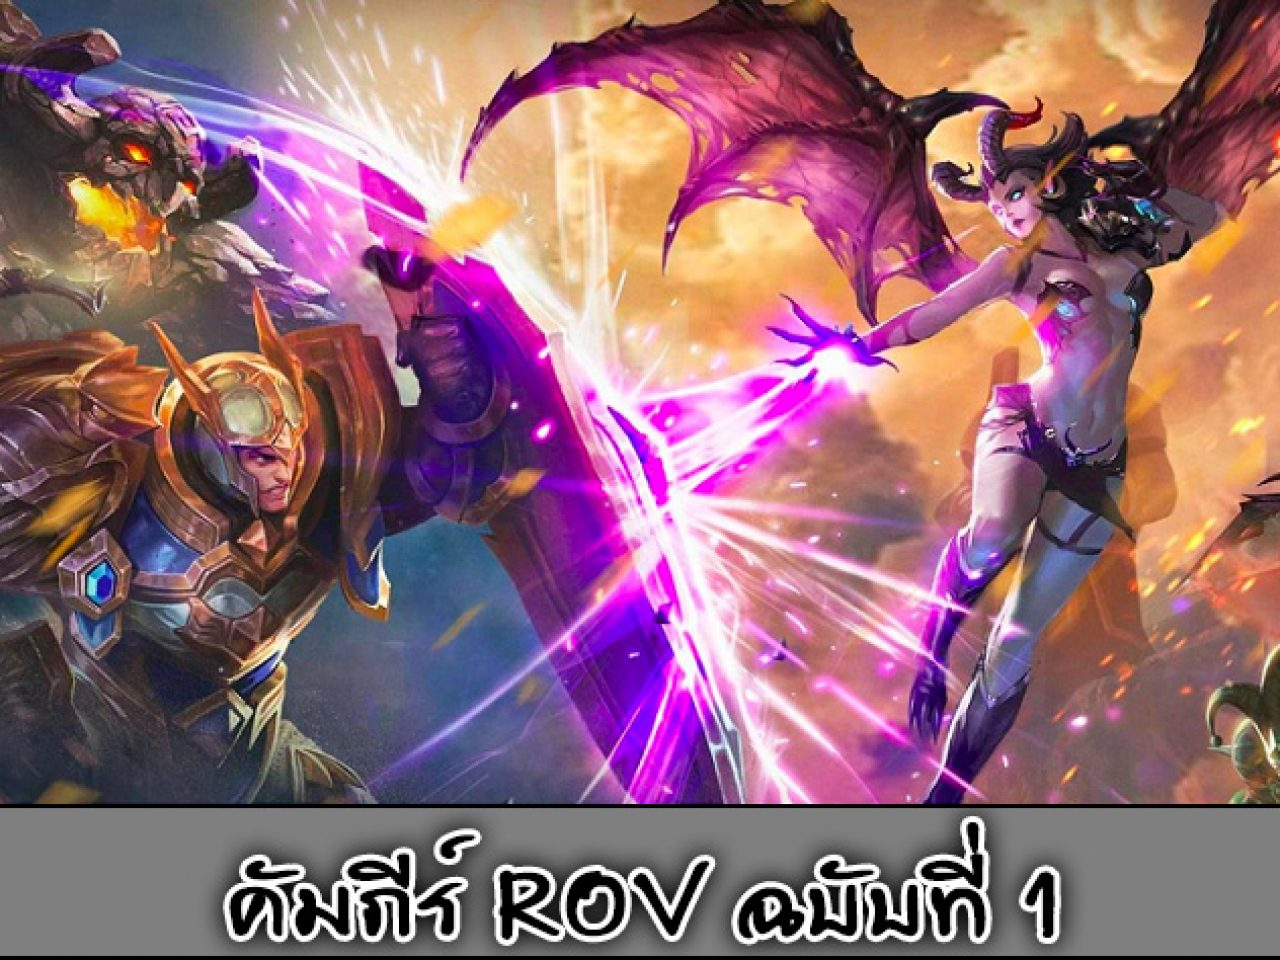 คัมภีร์ ROV ฉบับที่1 ตอน: มารู้จักเกม ROV..มันสนุกยังไง? ทำไมใครๆ เค้าก็เล่นกัน